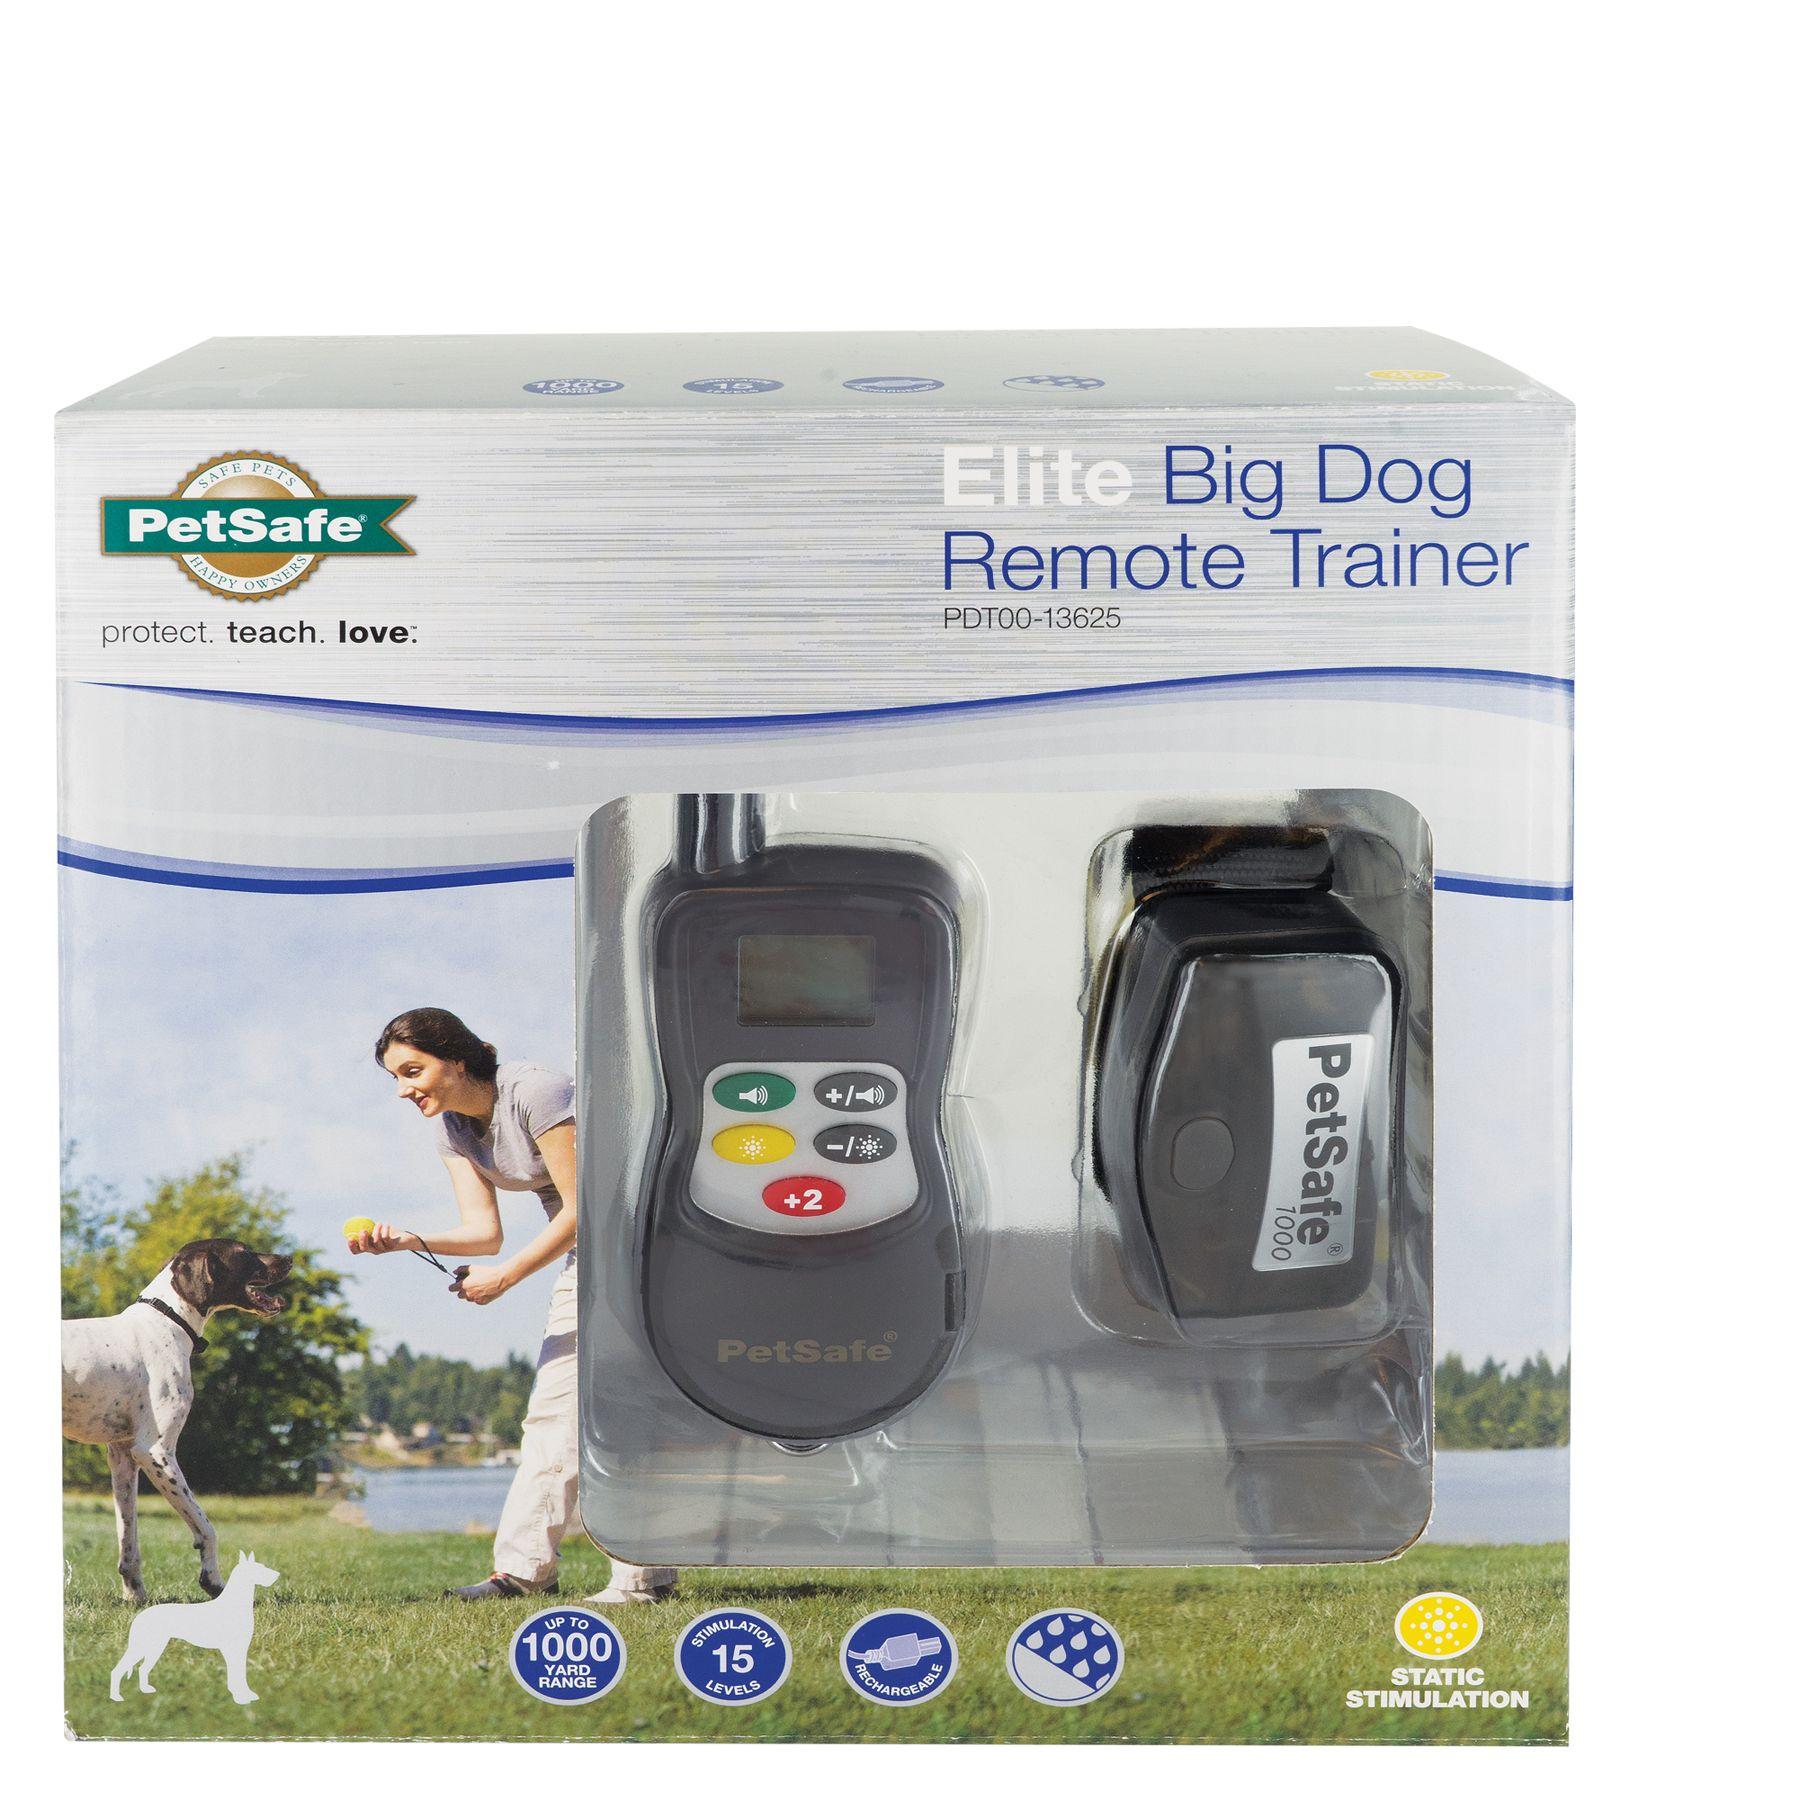 PetSafe Elite Big Dog Remote Trainer 5140809